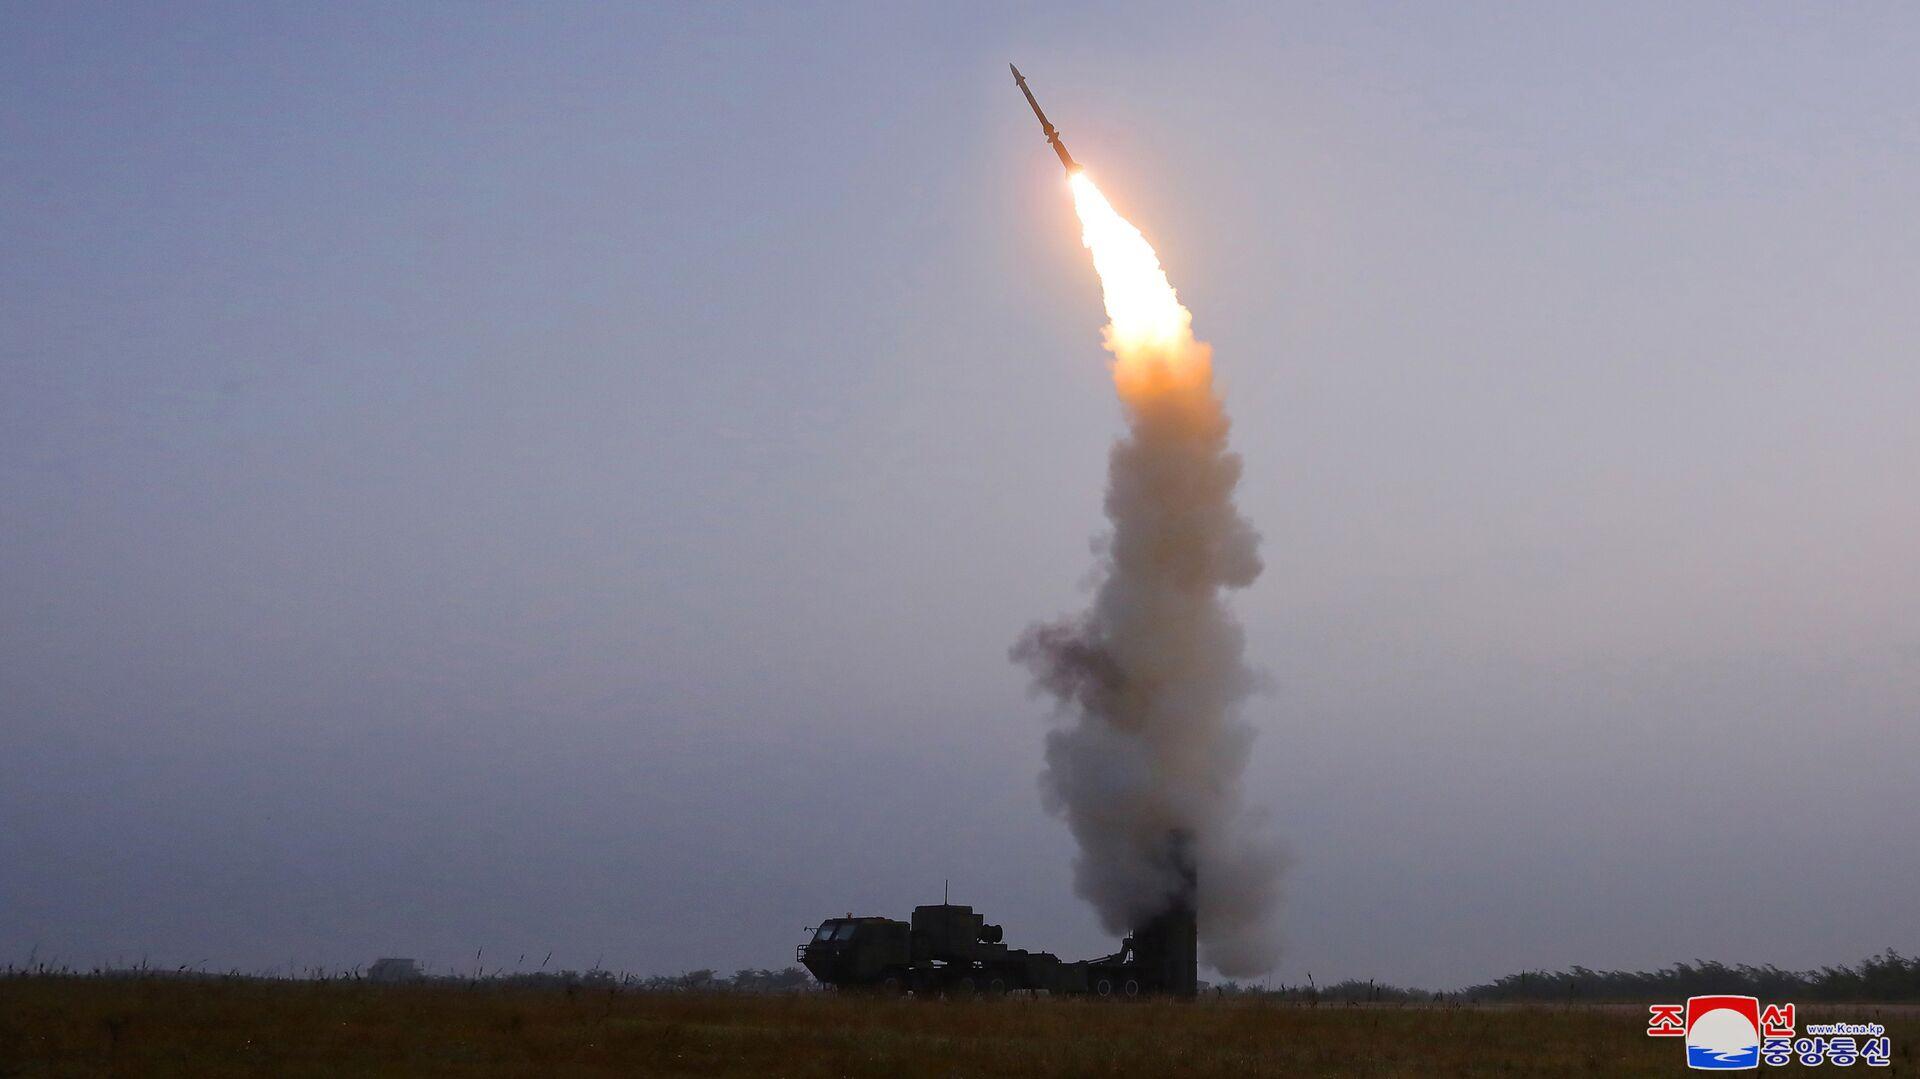 Испытания новой зенитной ракеты в КНДР - РИА Новости, 1920, 01.10.2021